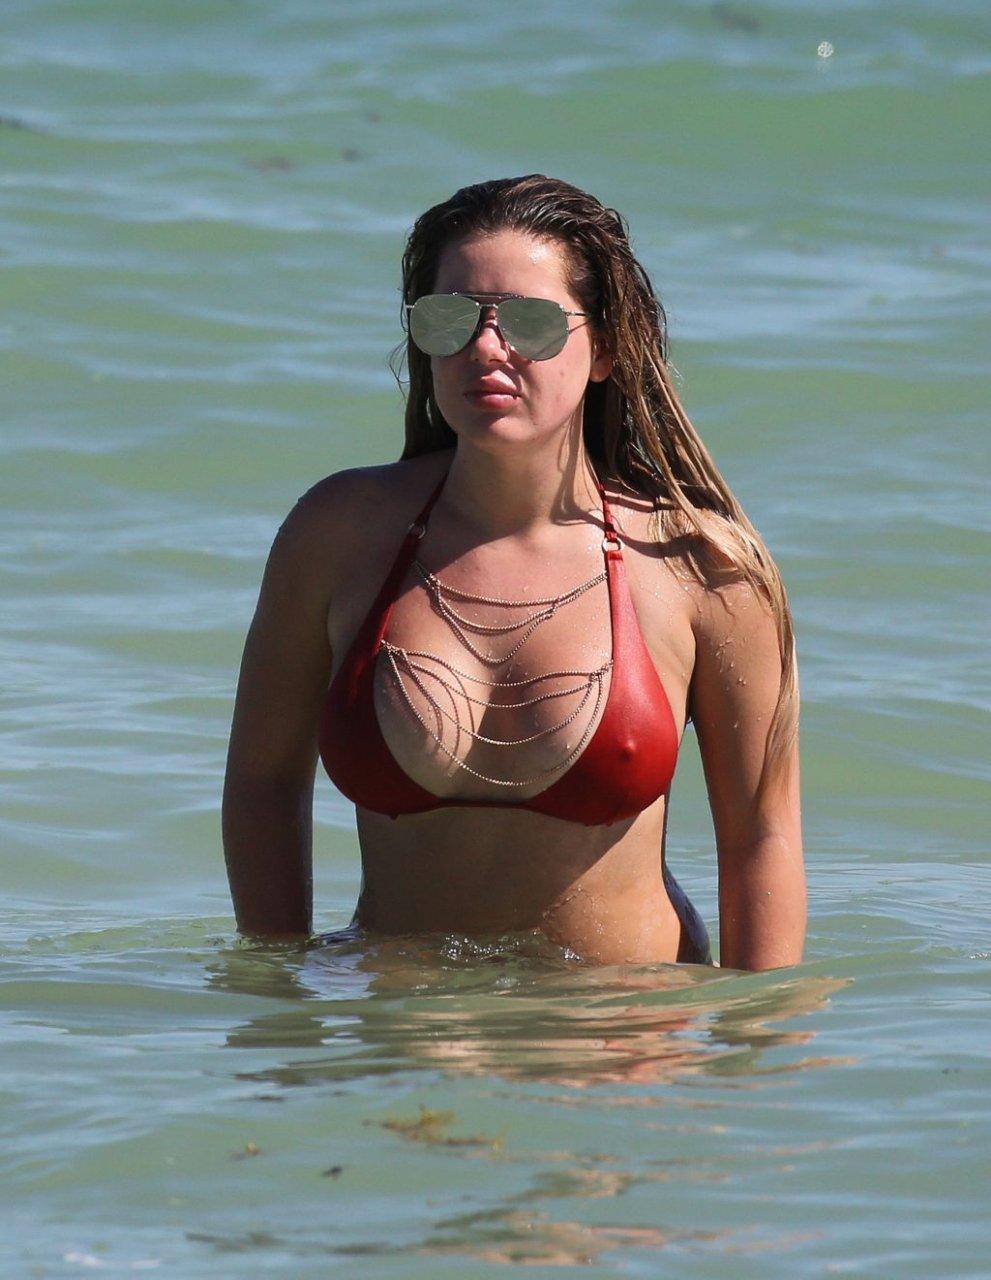 Brielle Biermann Sexy (65 Photos)